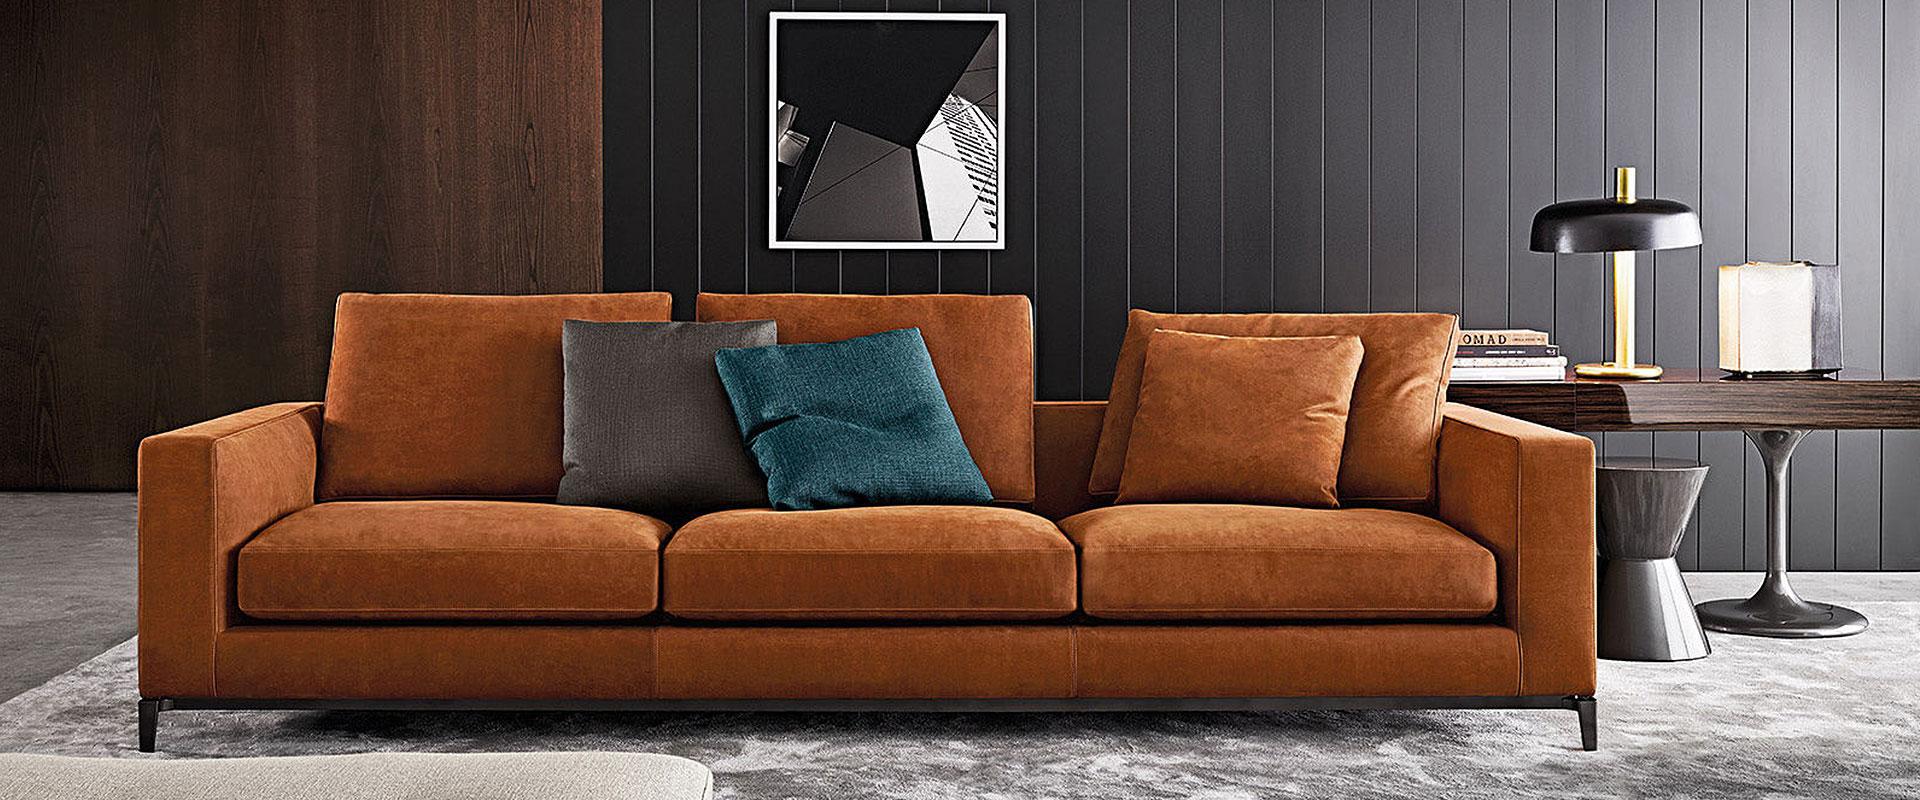 Das Sofa Andersen von Minotti finden Sie bei Hans G. Bock.